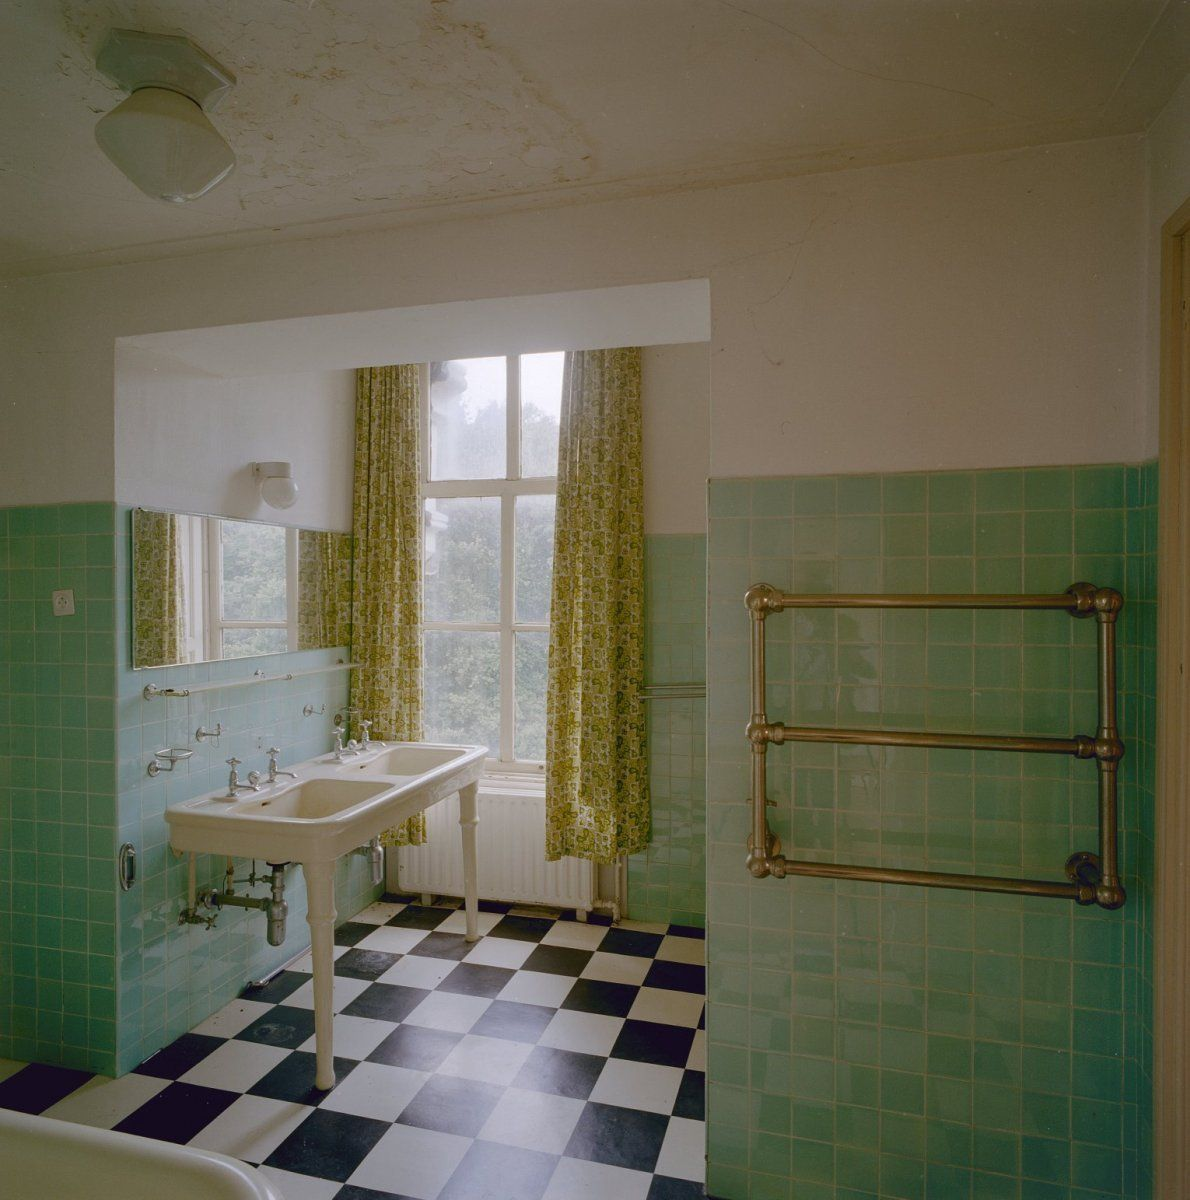 badkamer groen - Google zoeken | badkamer inspiratie | Pinterest ...